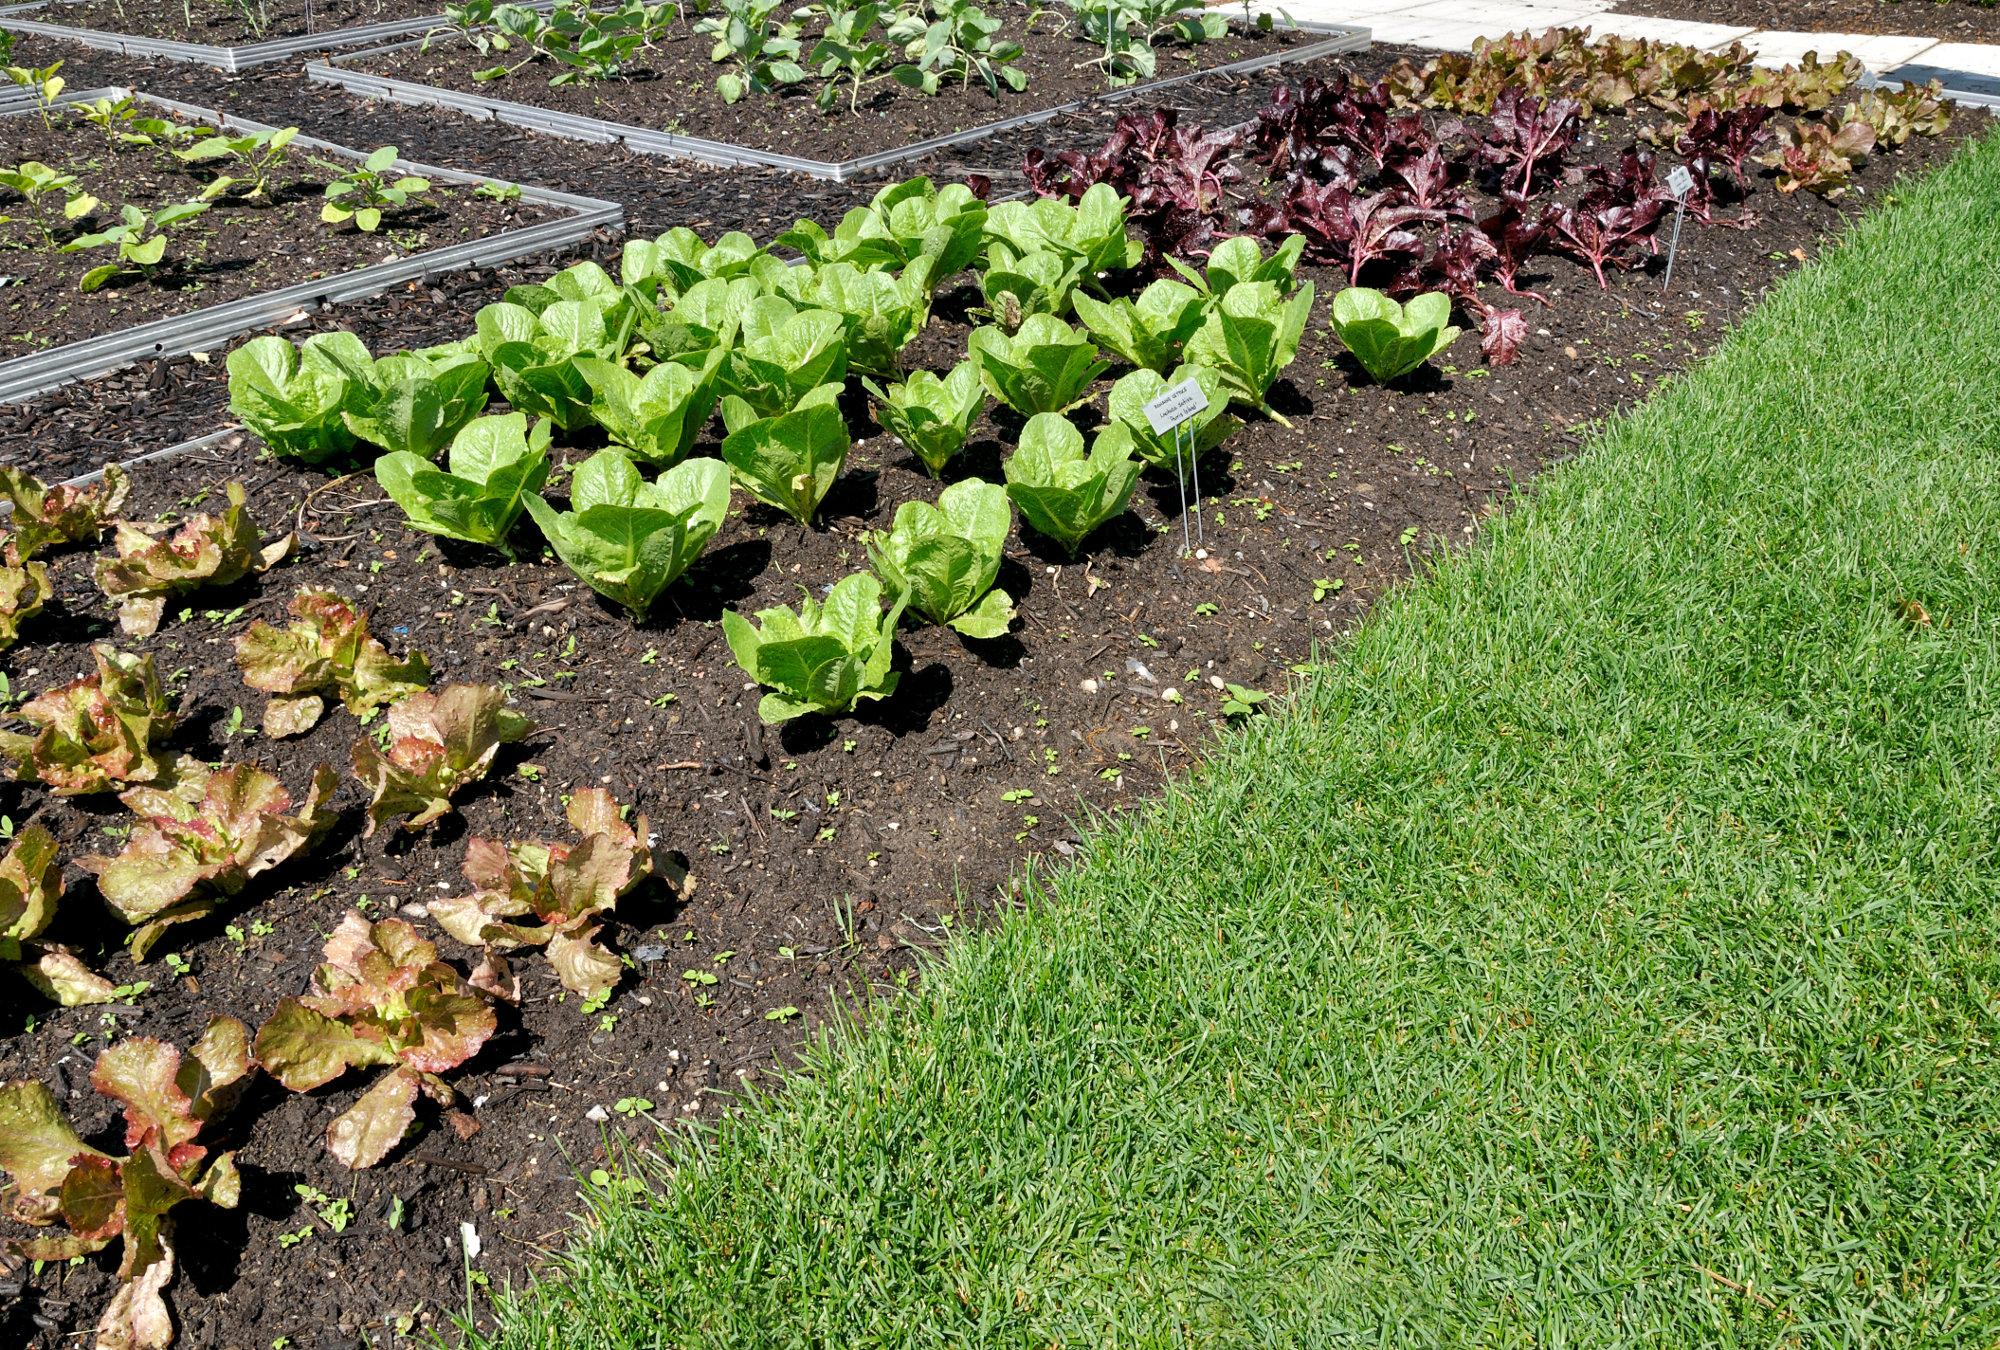 Comment Réussir À Cultiver Son Jardin Potager En S'amusant ! tout Comment Realiser Un Jardin